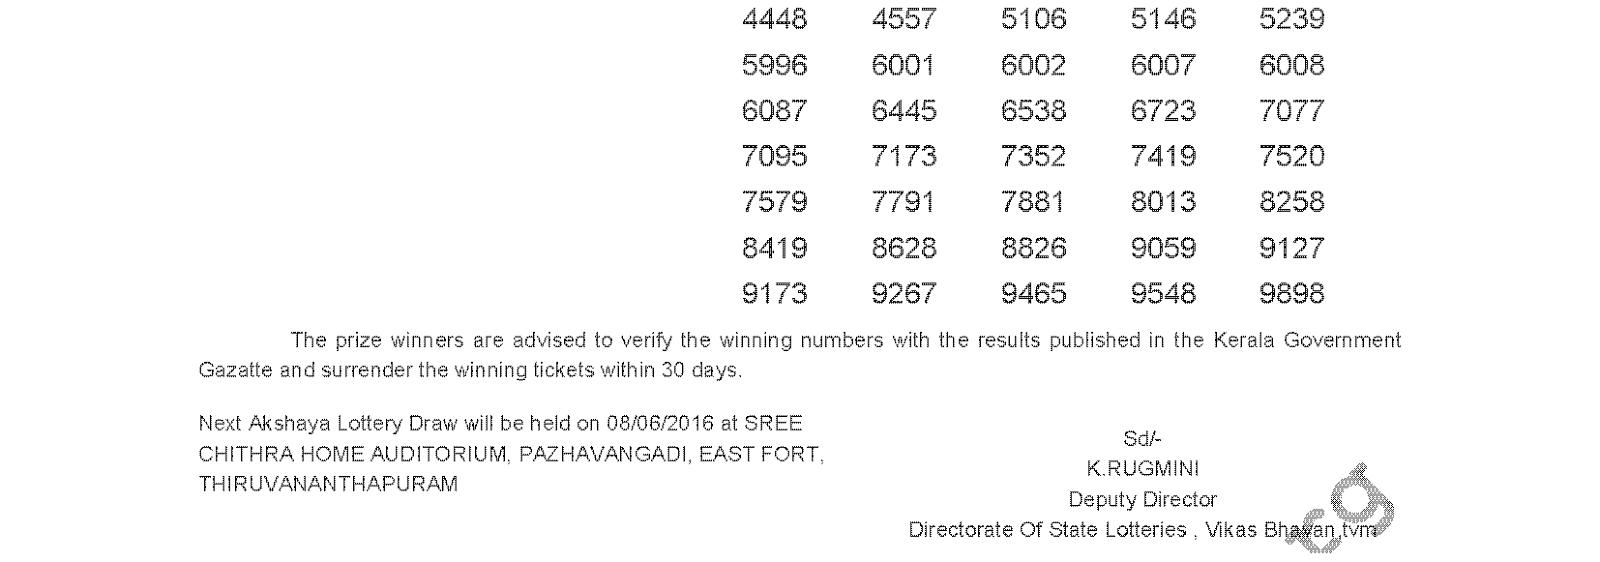 AKSHAYA Lottery AK 244 Result 1-6-2016